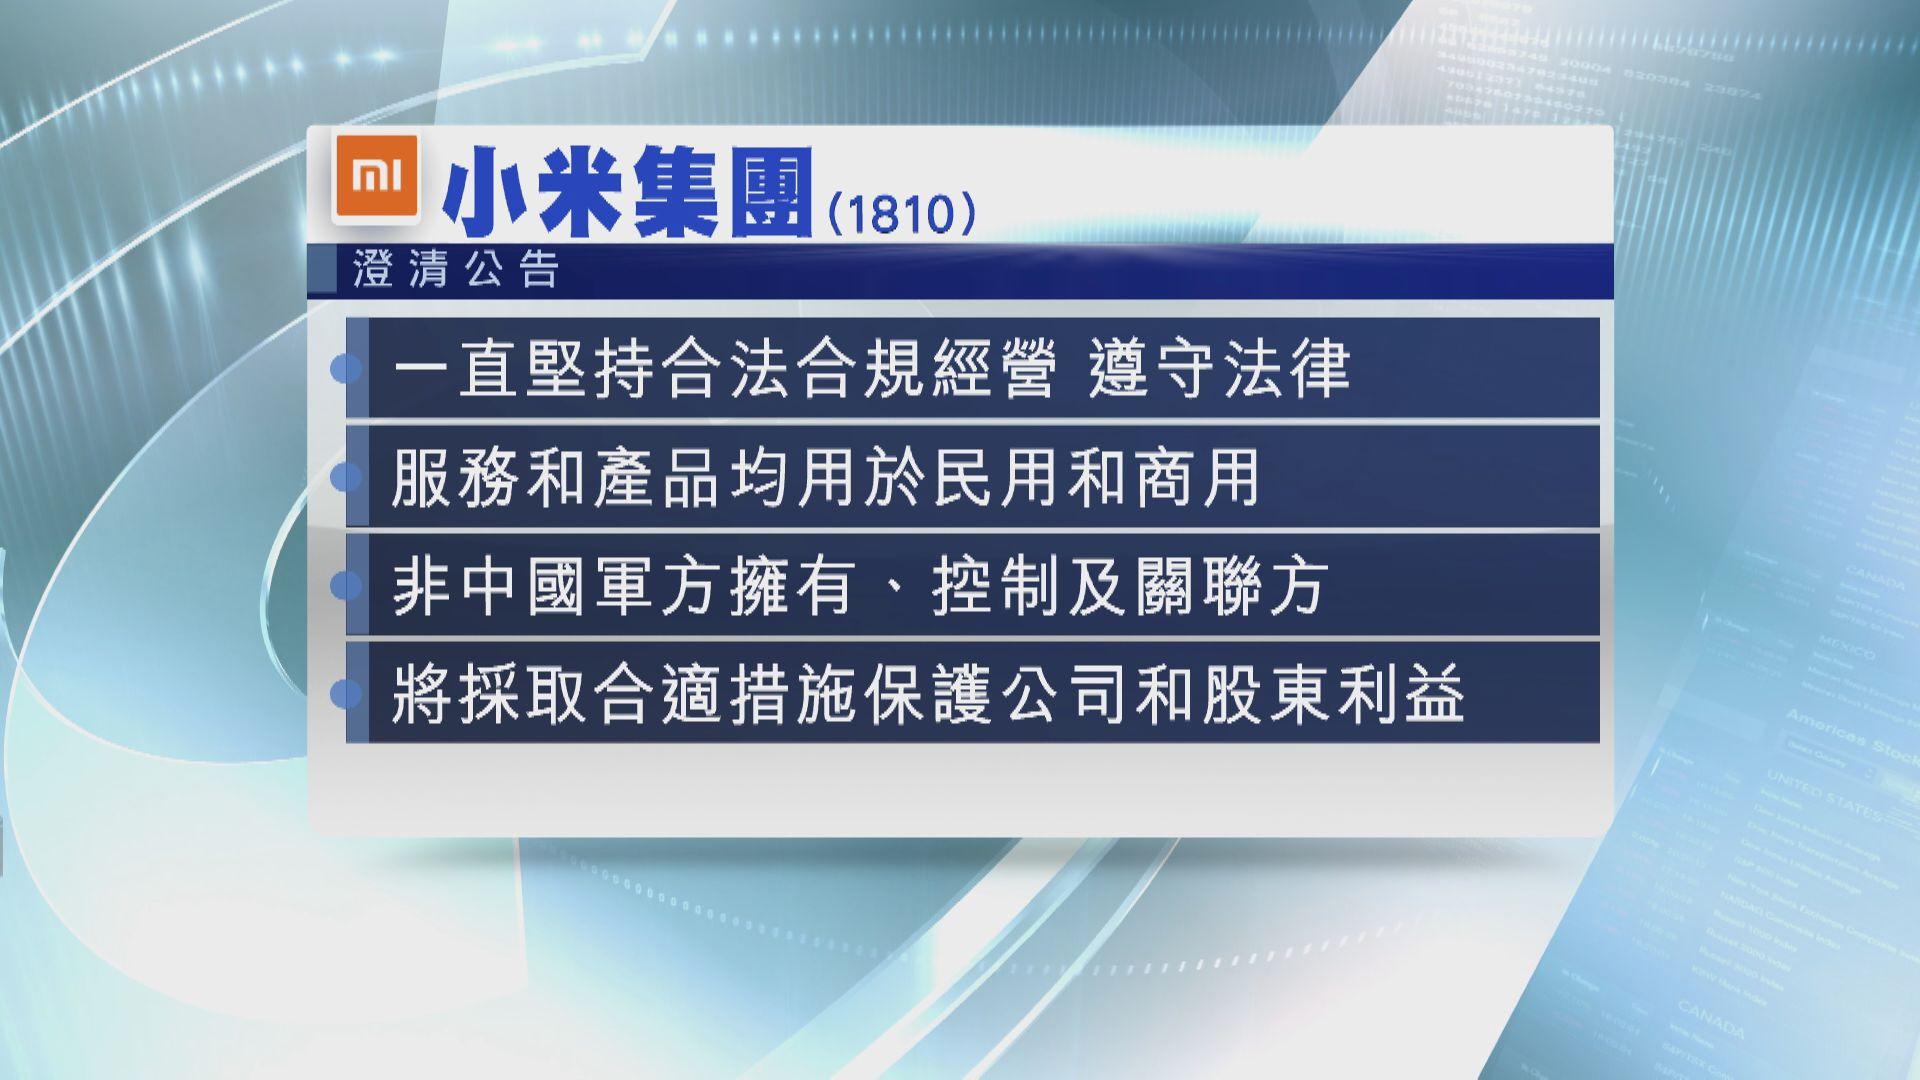 小米入美「禁投黑名單」 美資持股15%